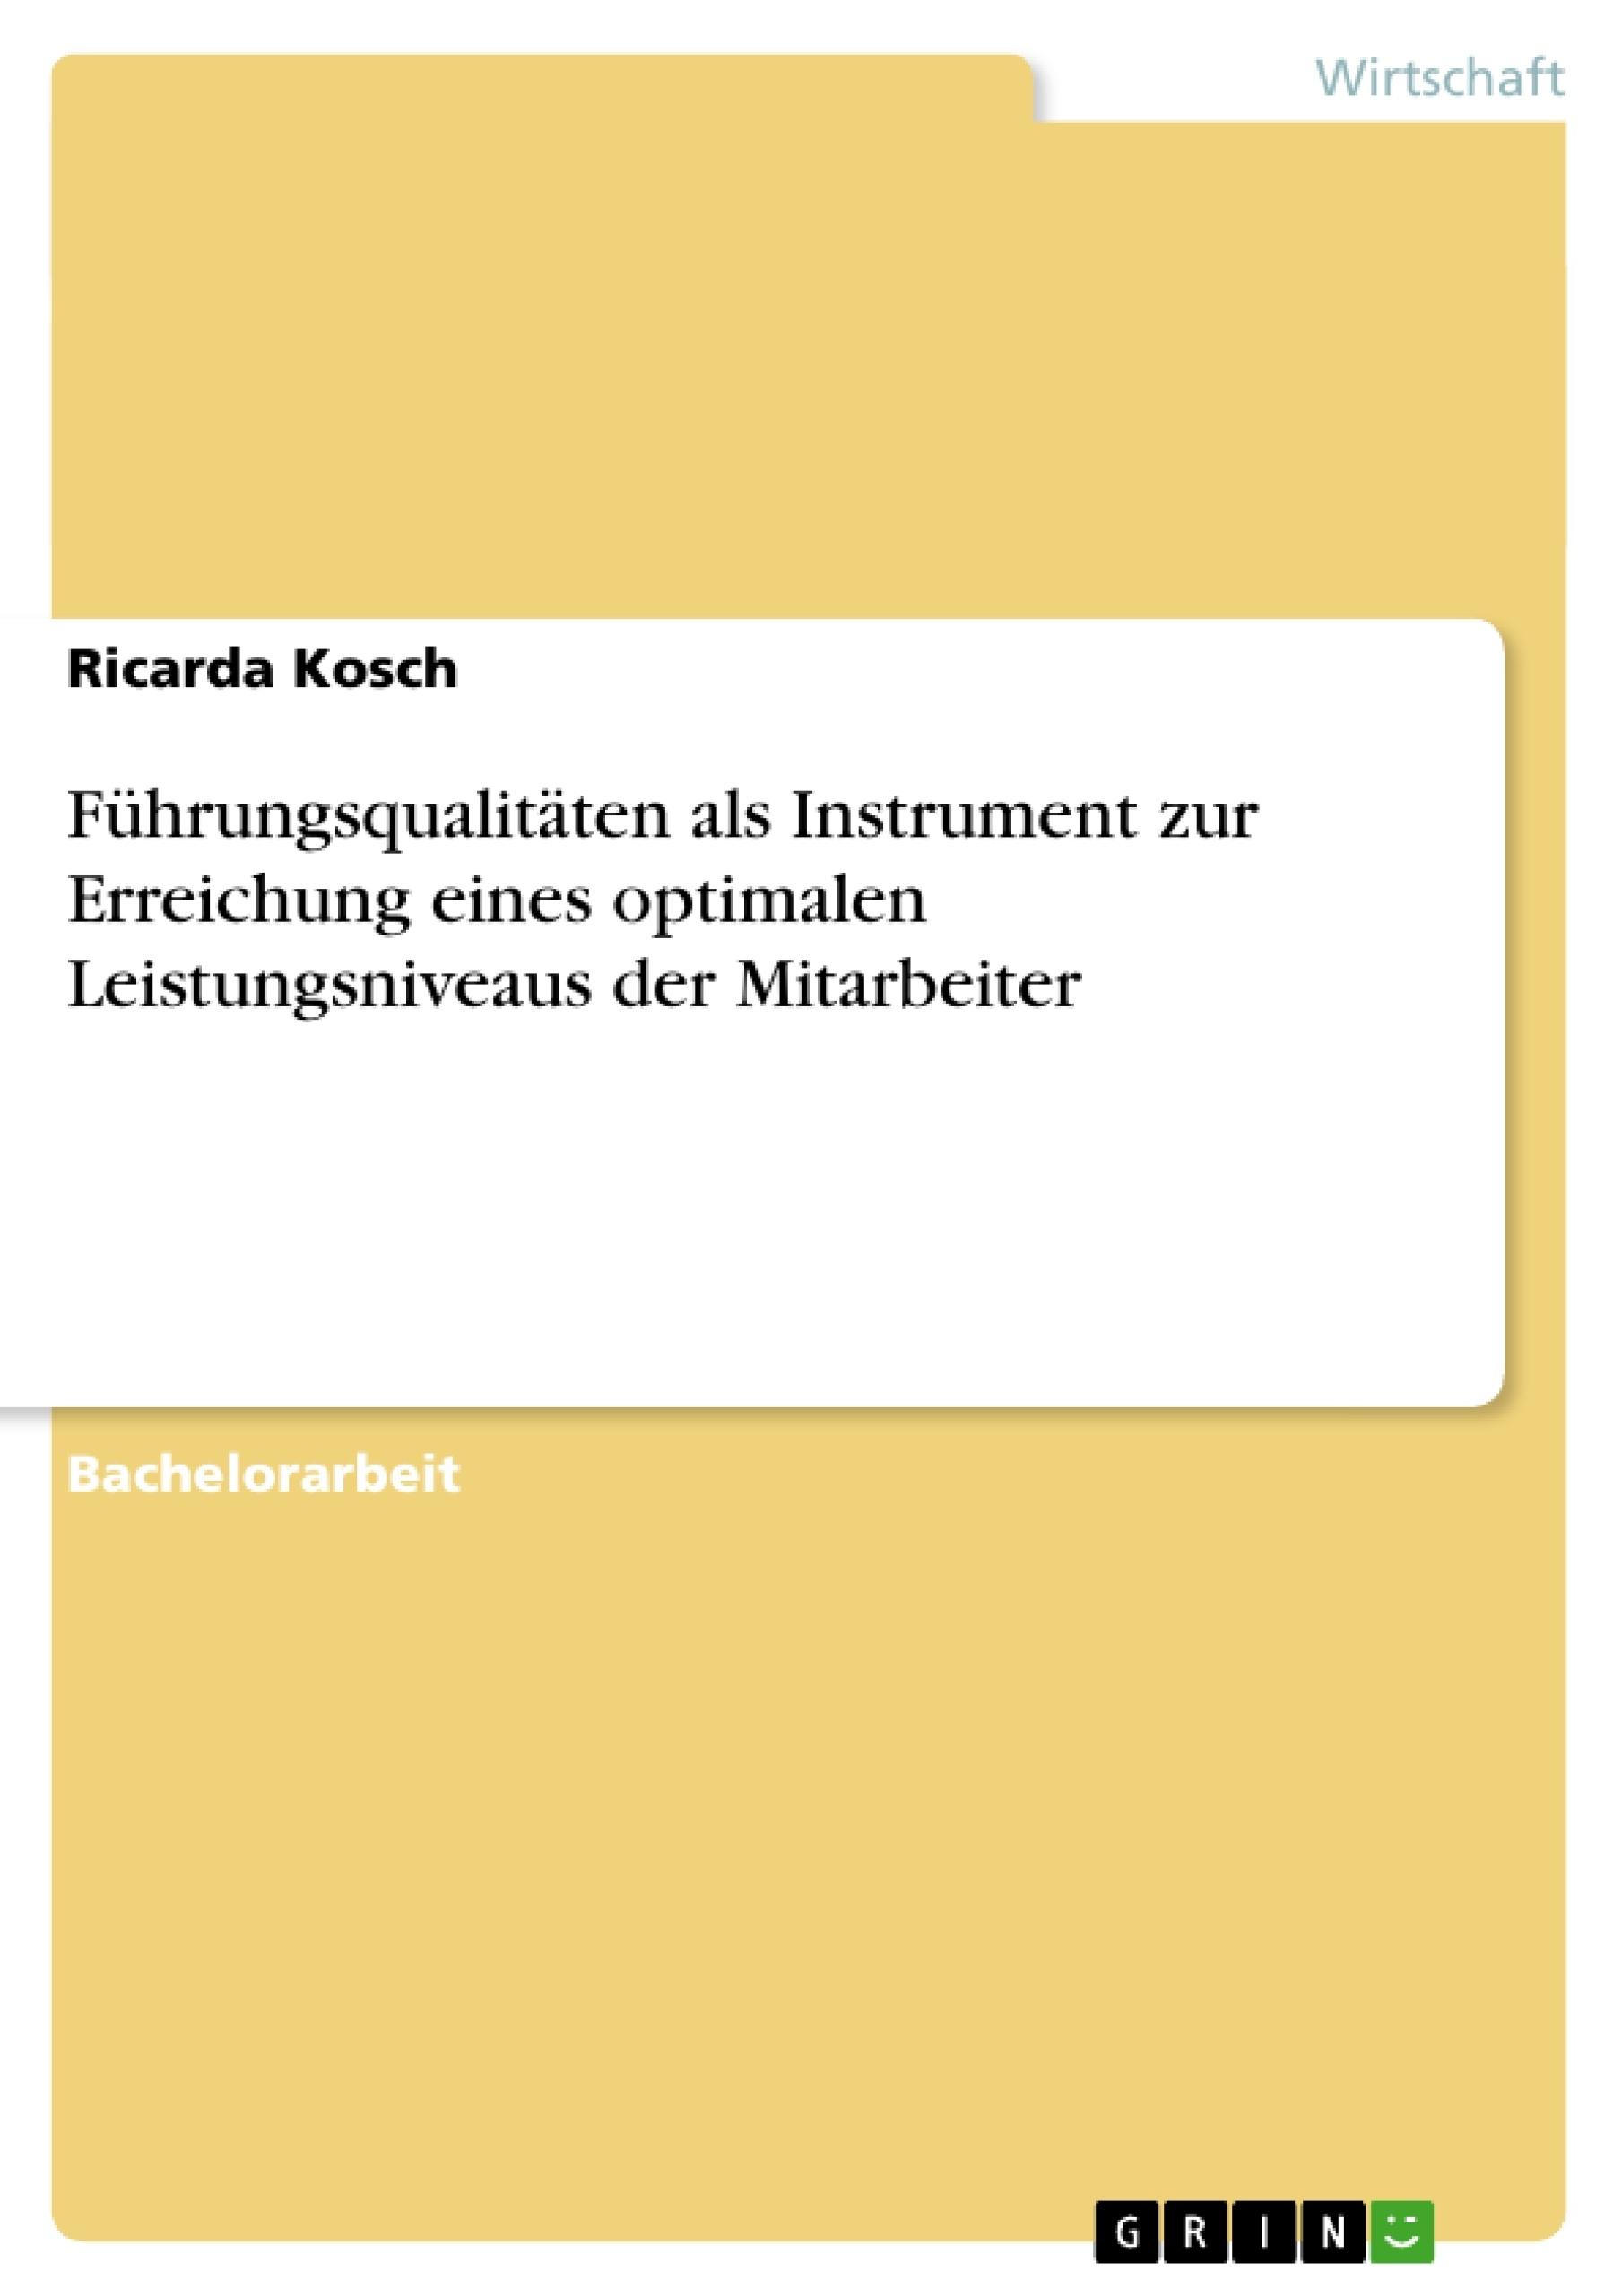 Titel: Führungsqualitäten als Instrument zur Erreichung eines optimalen Leistungsniveaus der Mitarbeiter